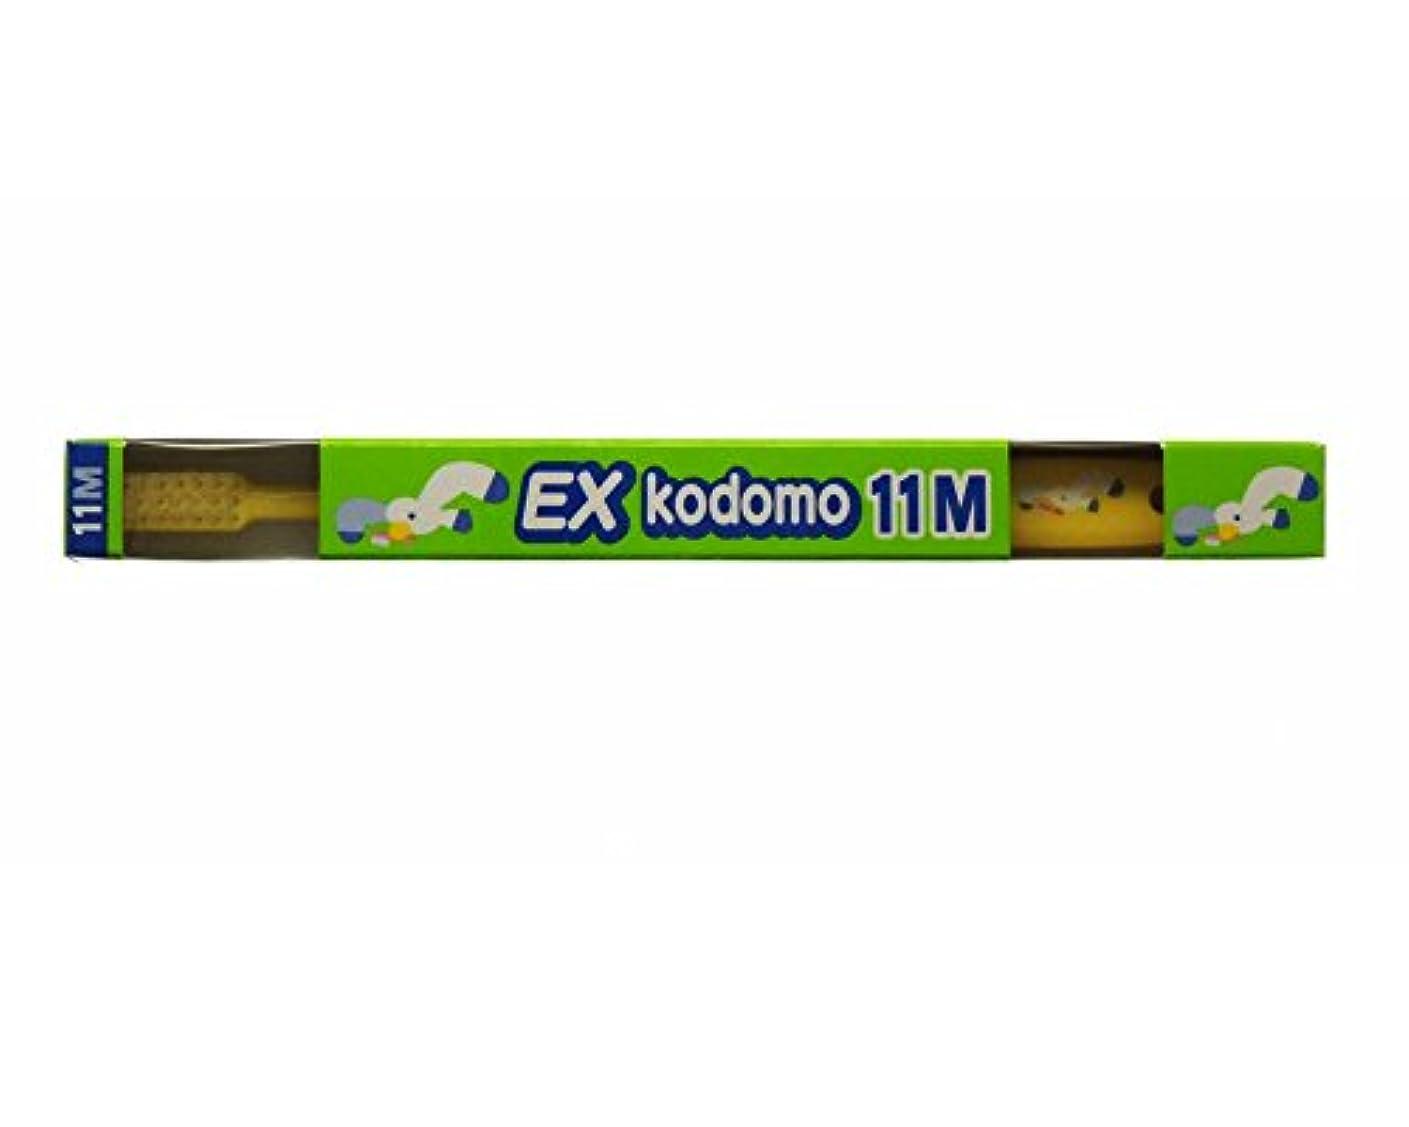 男らしさ農奴ぐるぐるDENT.EX kodomo/11M イエロー (混合歯列後期用?8?12歳)